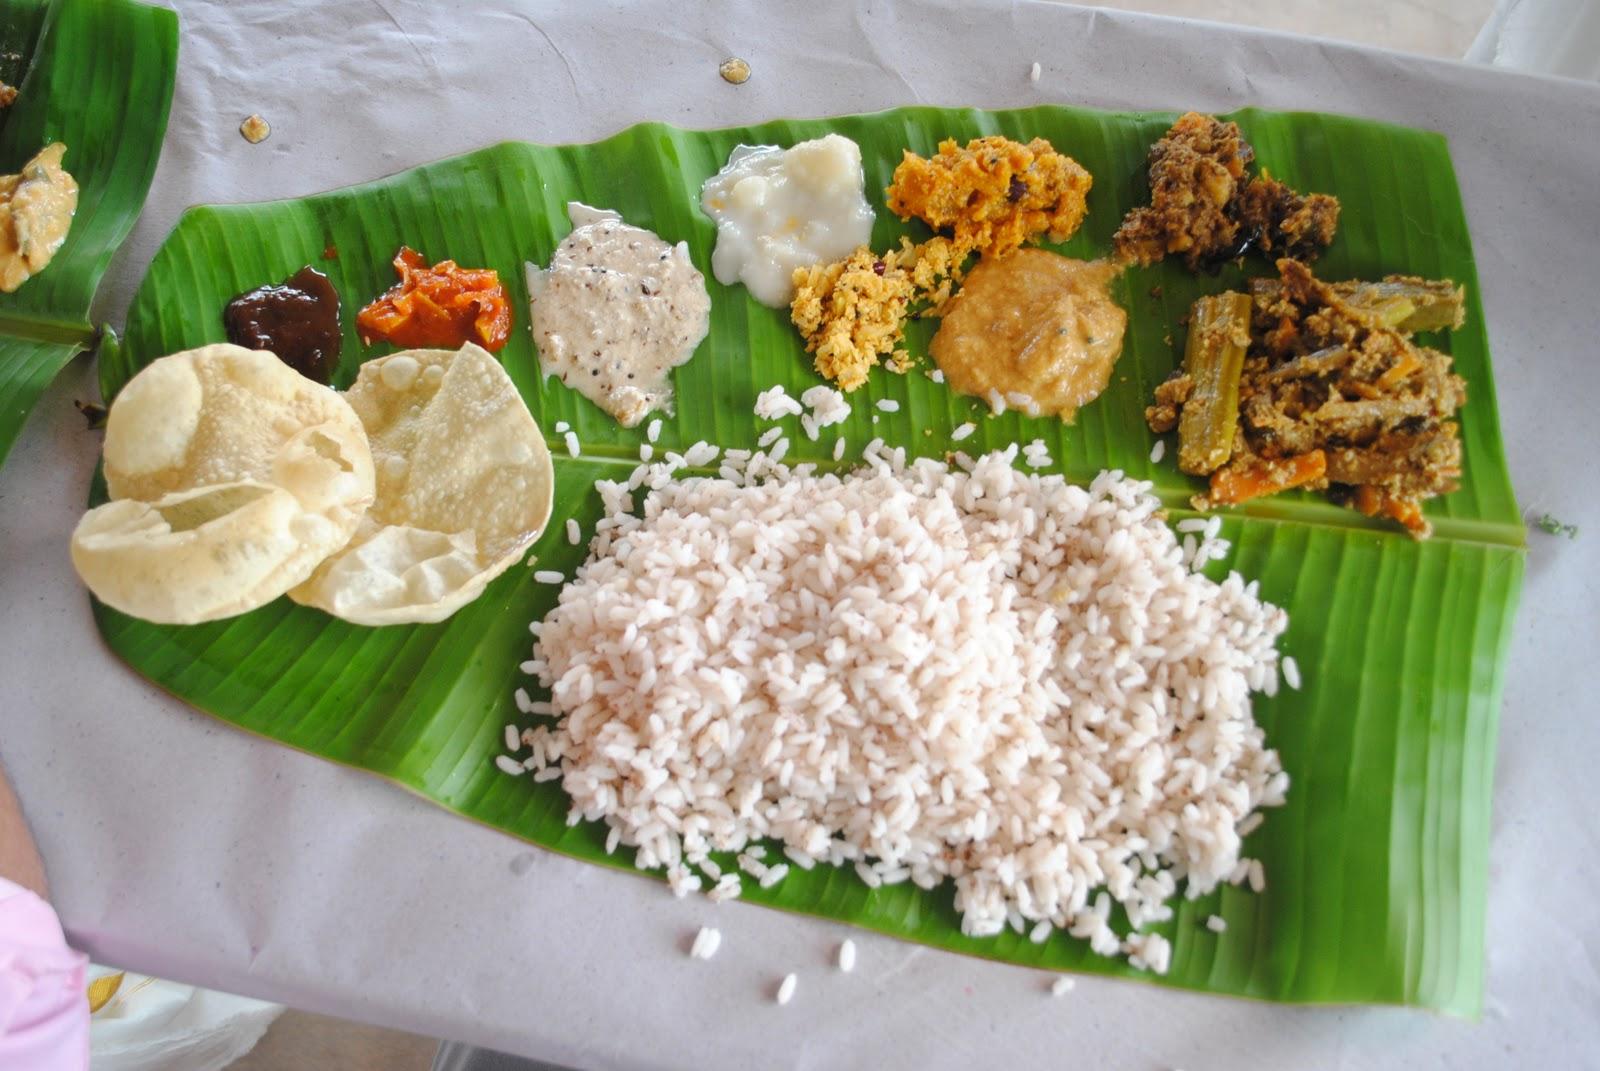 kerala cuisine a listly list